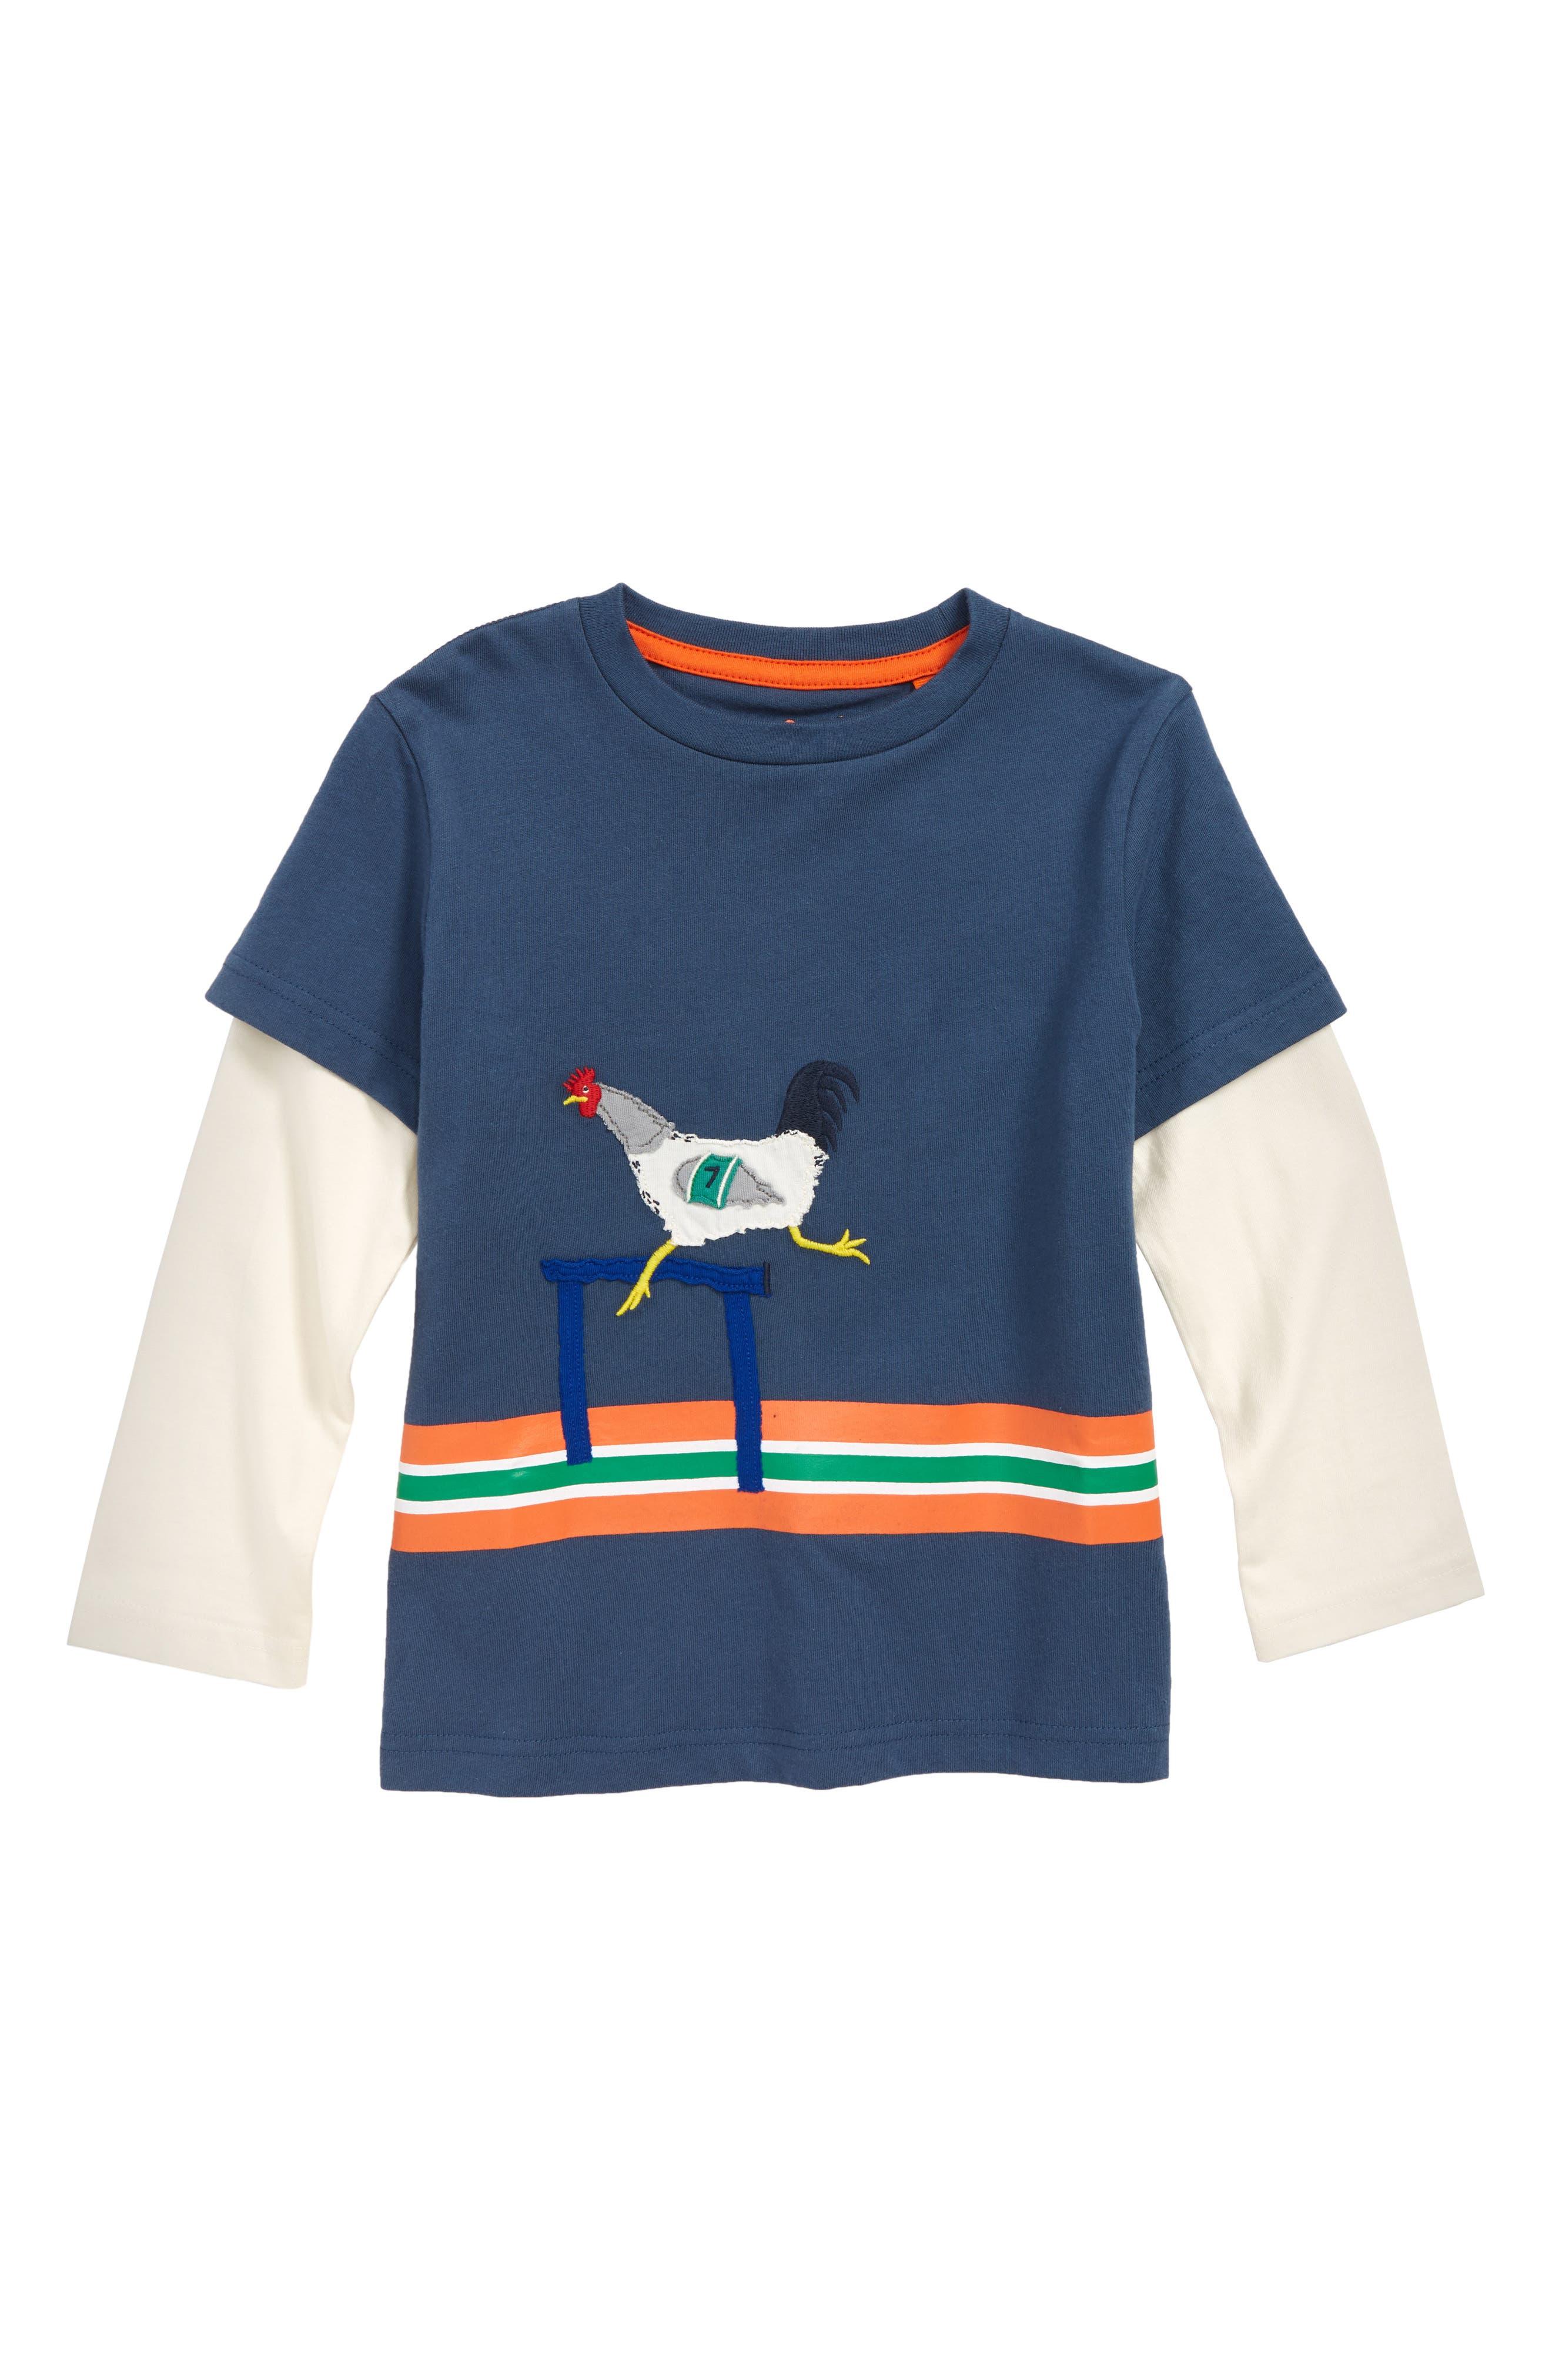 Active Animals Layered T-Shirt,                             Main thumbnail 1, color,                             424